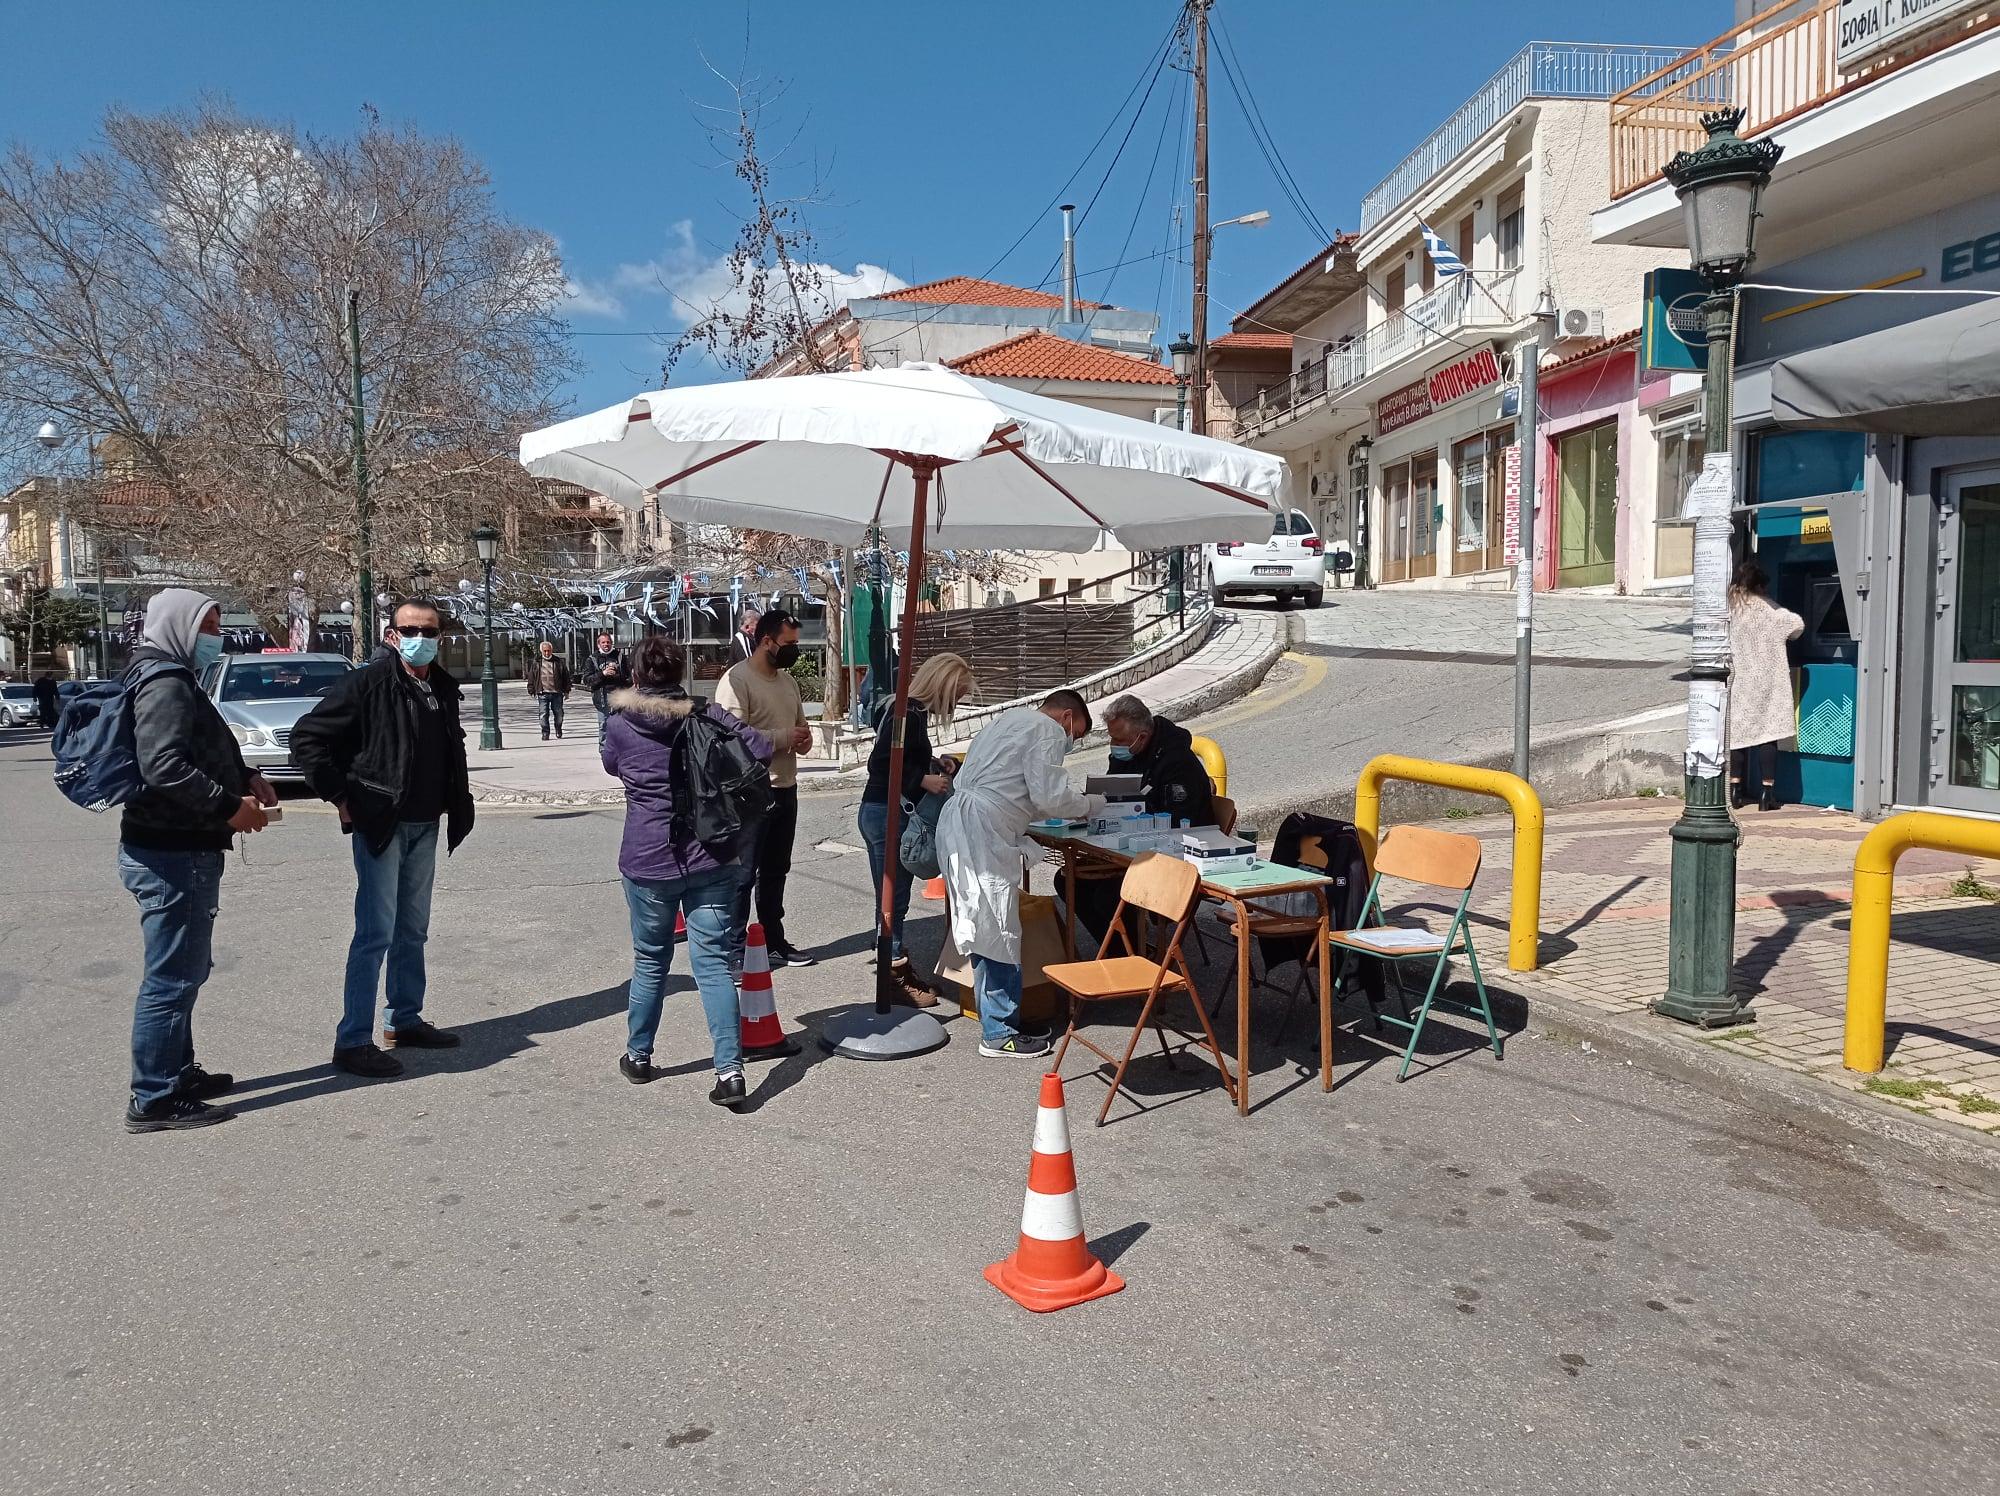 Δήμος Ανδρίτσαινας- Κρεστένων: Αρνητικά και τα 139 rapid test που έγιναν την Τετάρτη 24/3 στην Κρέστενα